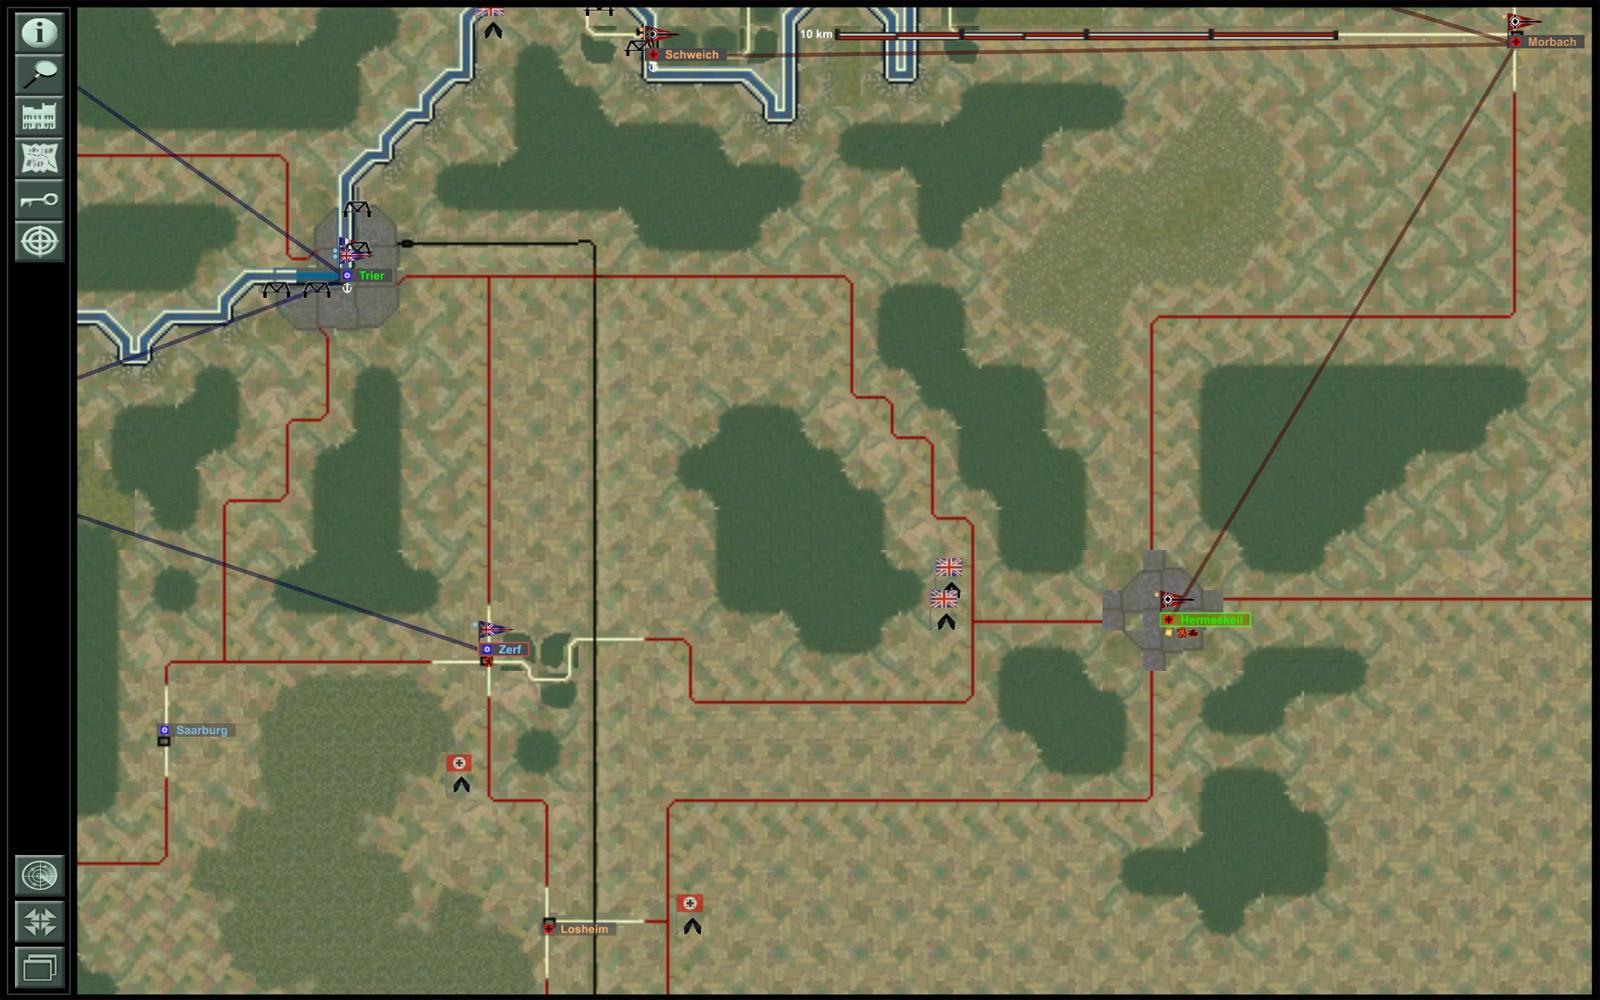 World War II Online: Battleground Europe map - Hermeskeil .jpg [430kB]